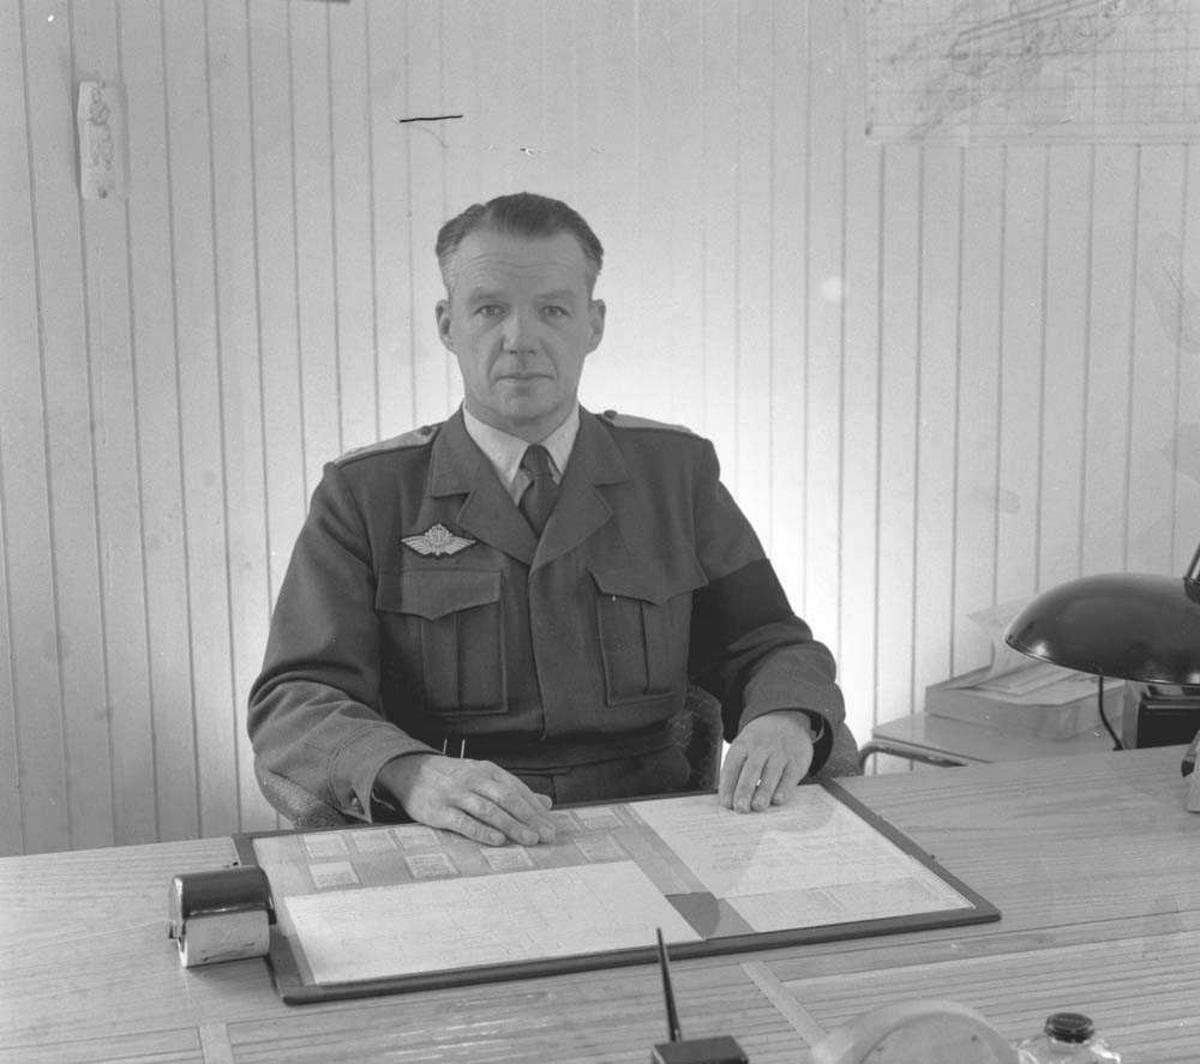 General Major Odd Bull ved skrivebordet.